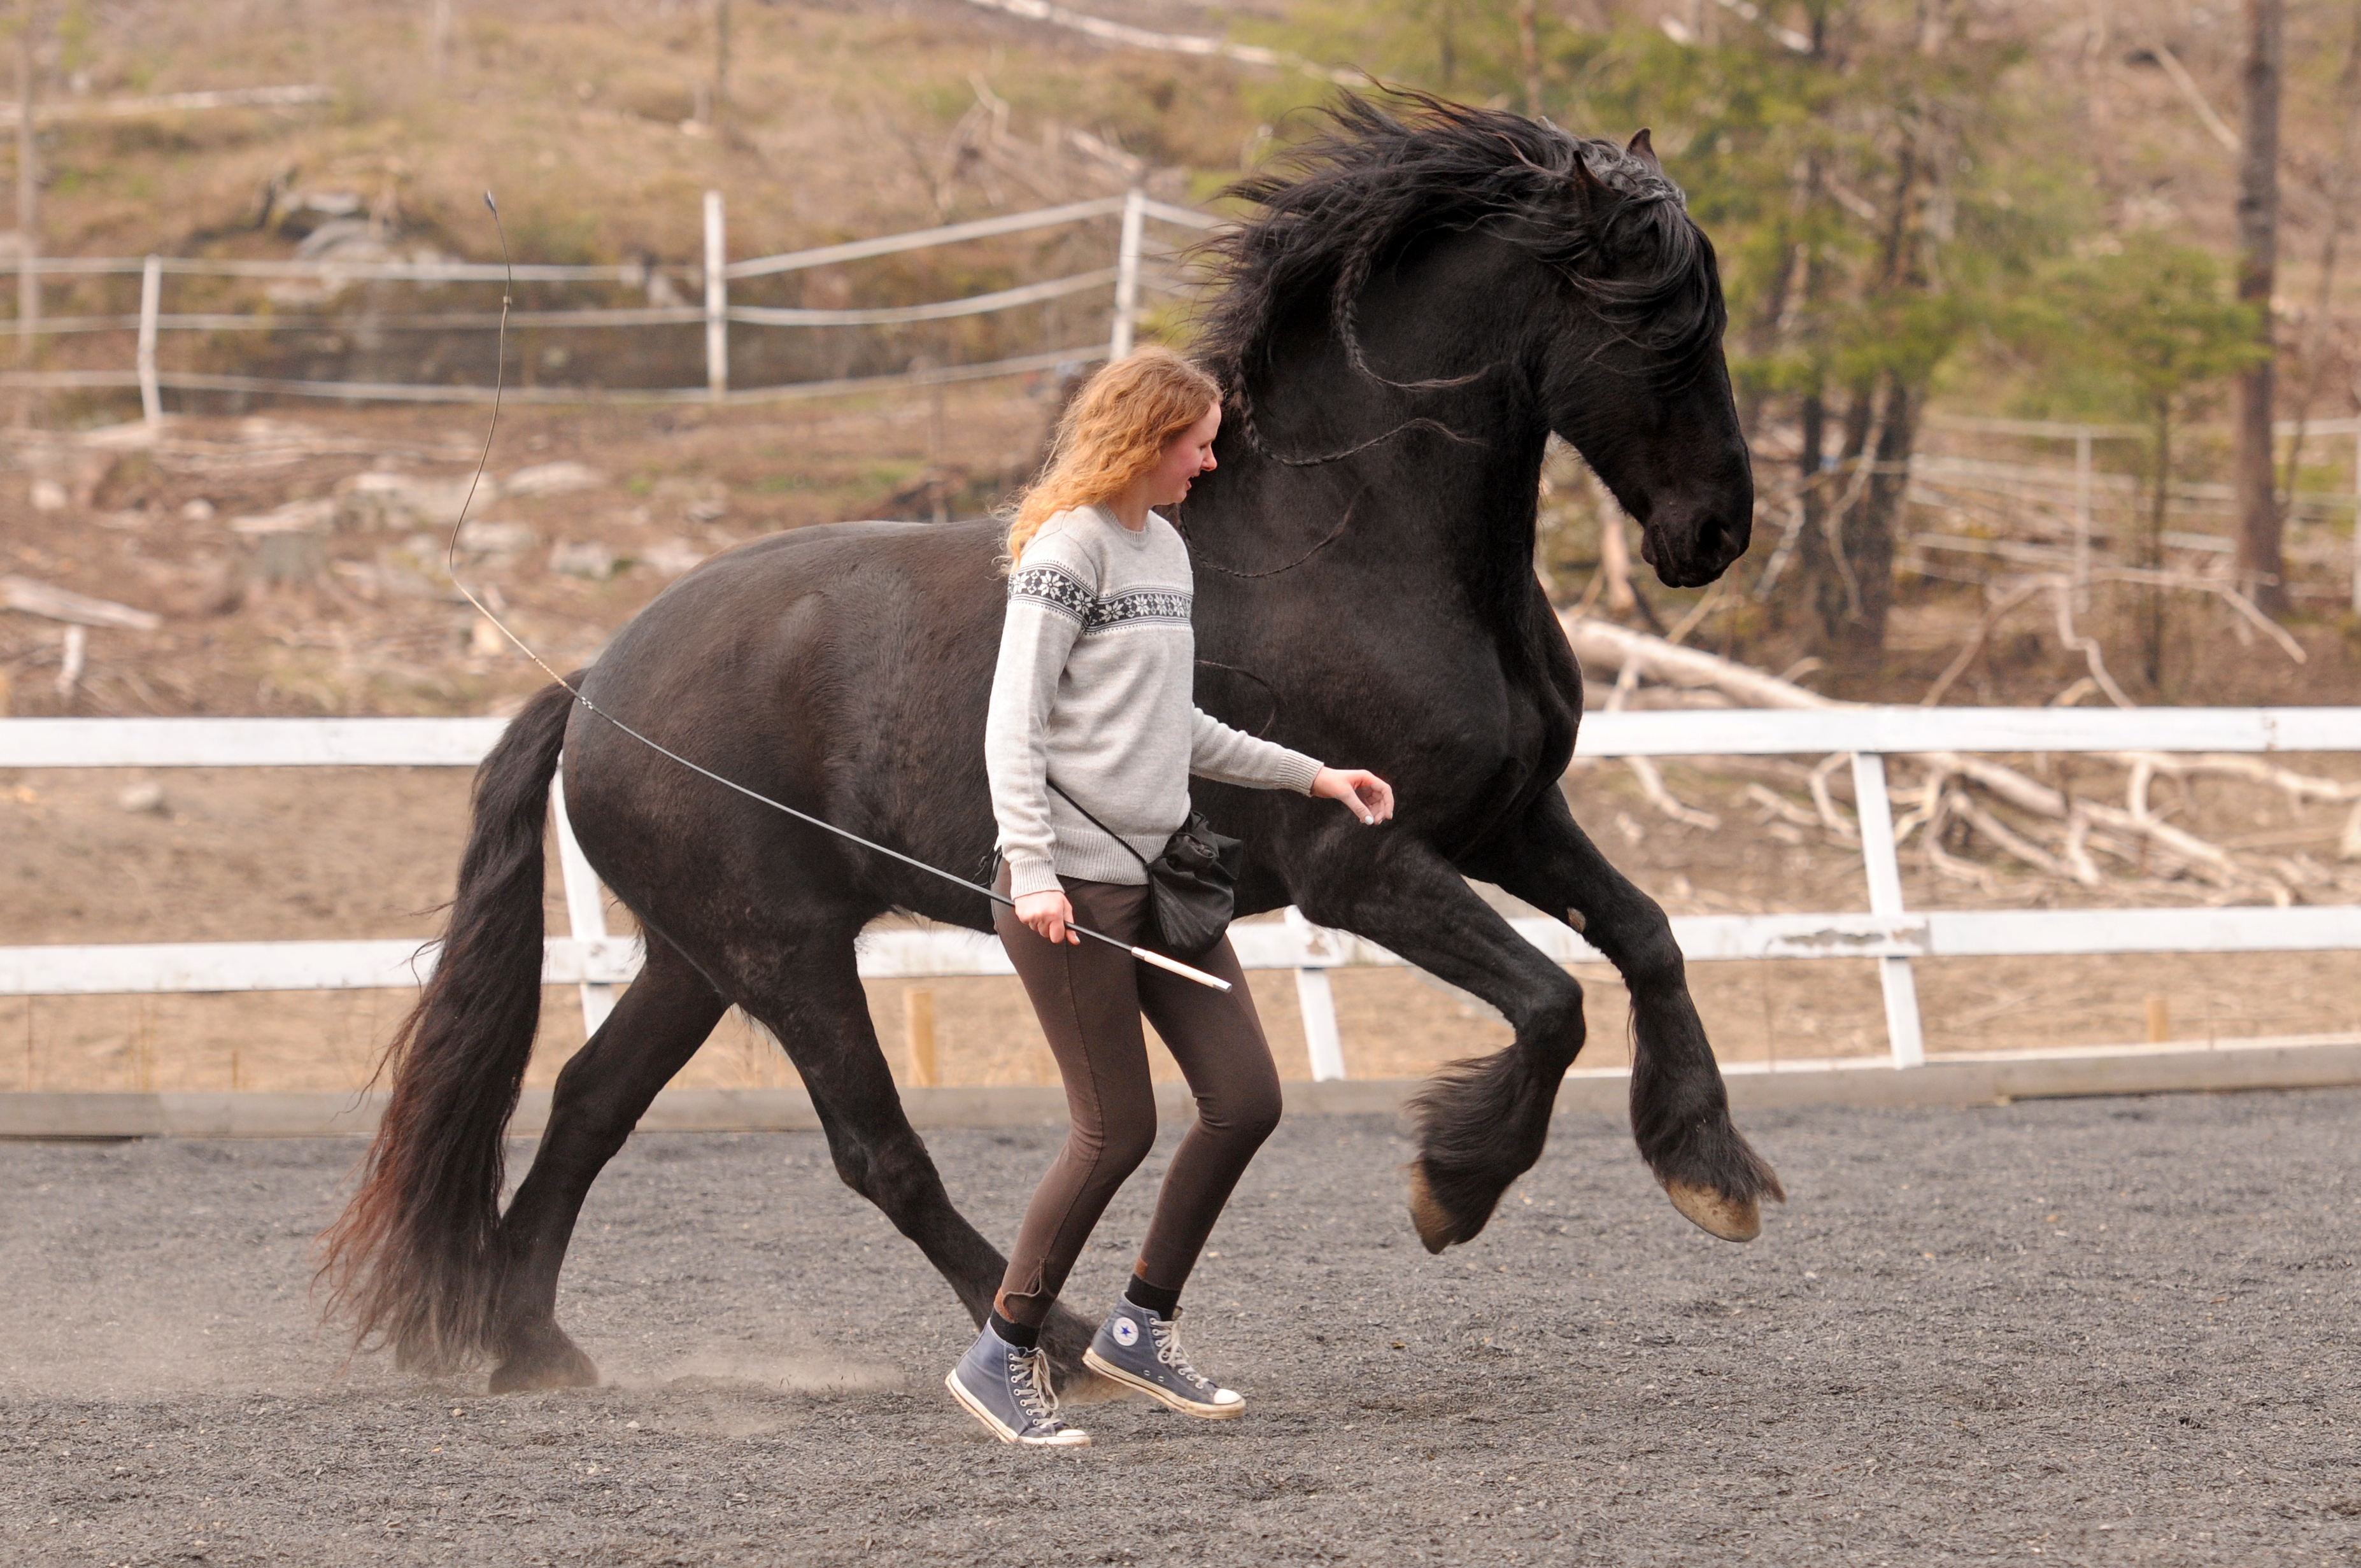 Обучение лошади верховой езде: привыкание, посадка, использование шенкеля